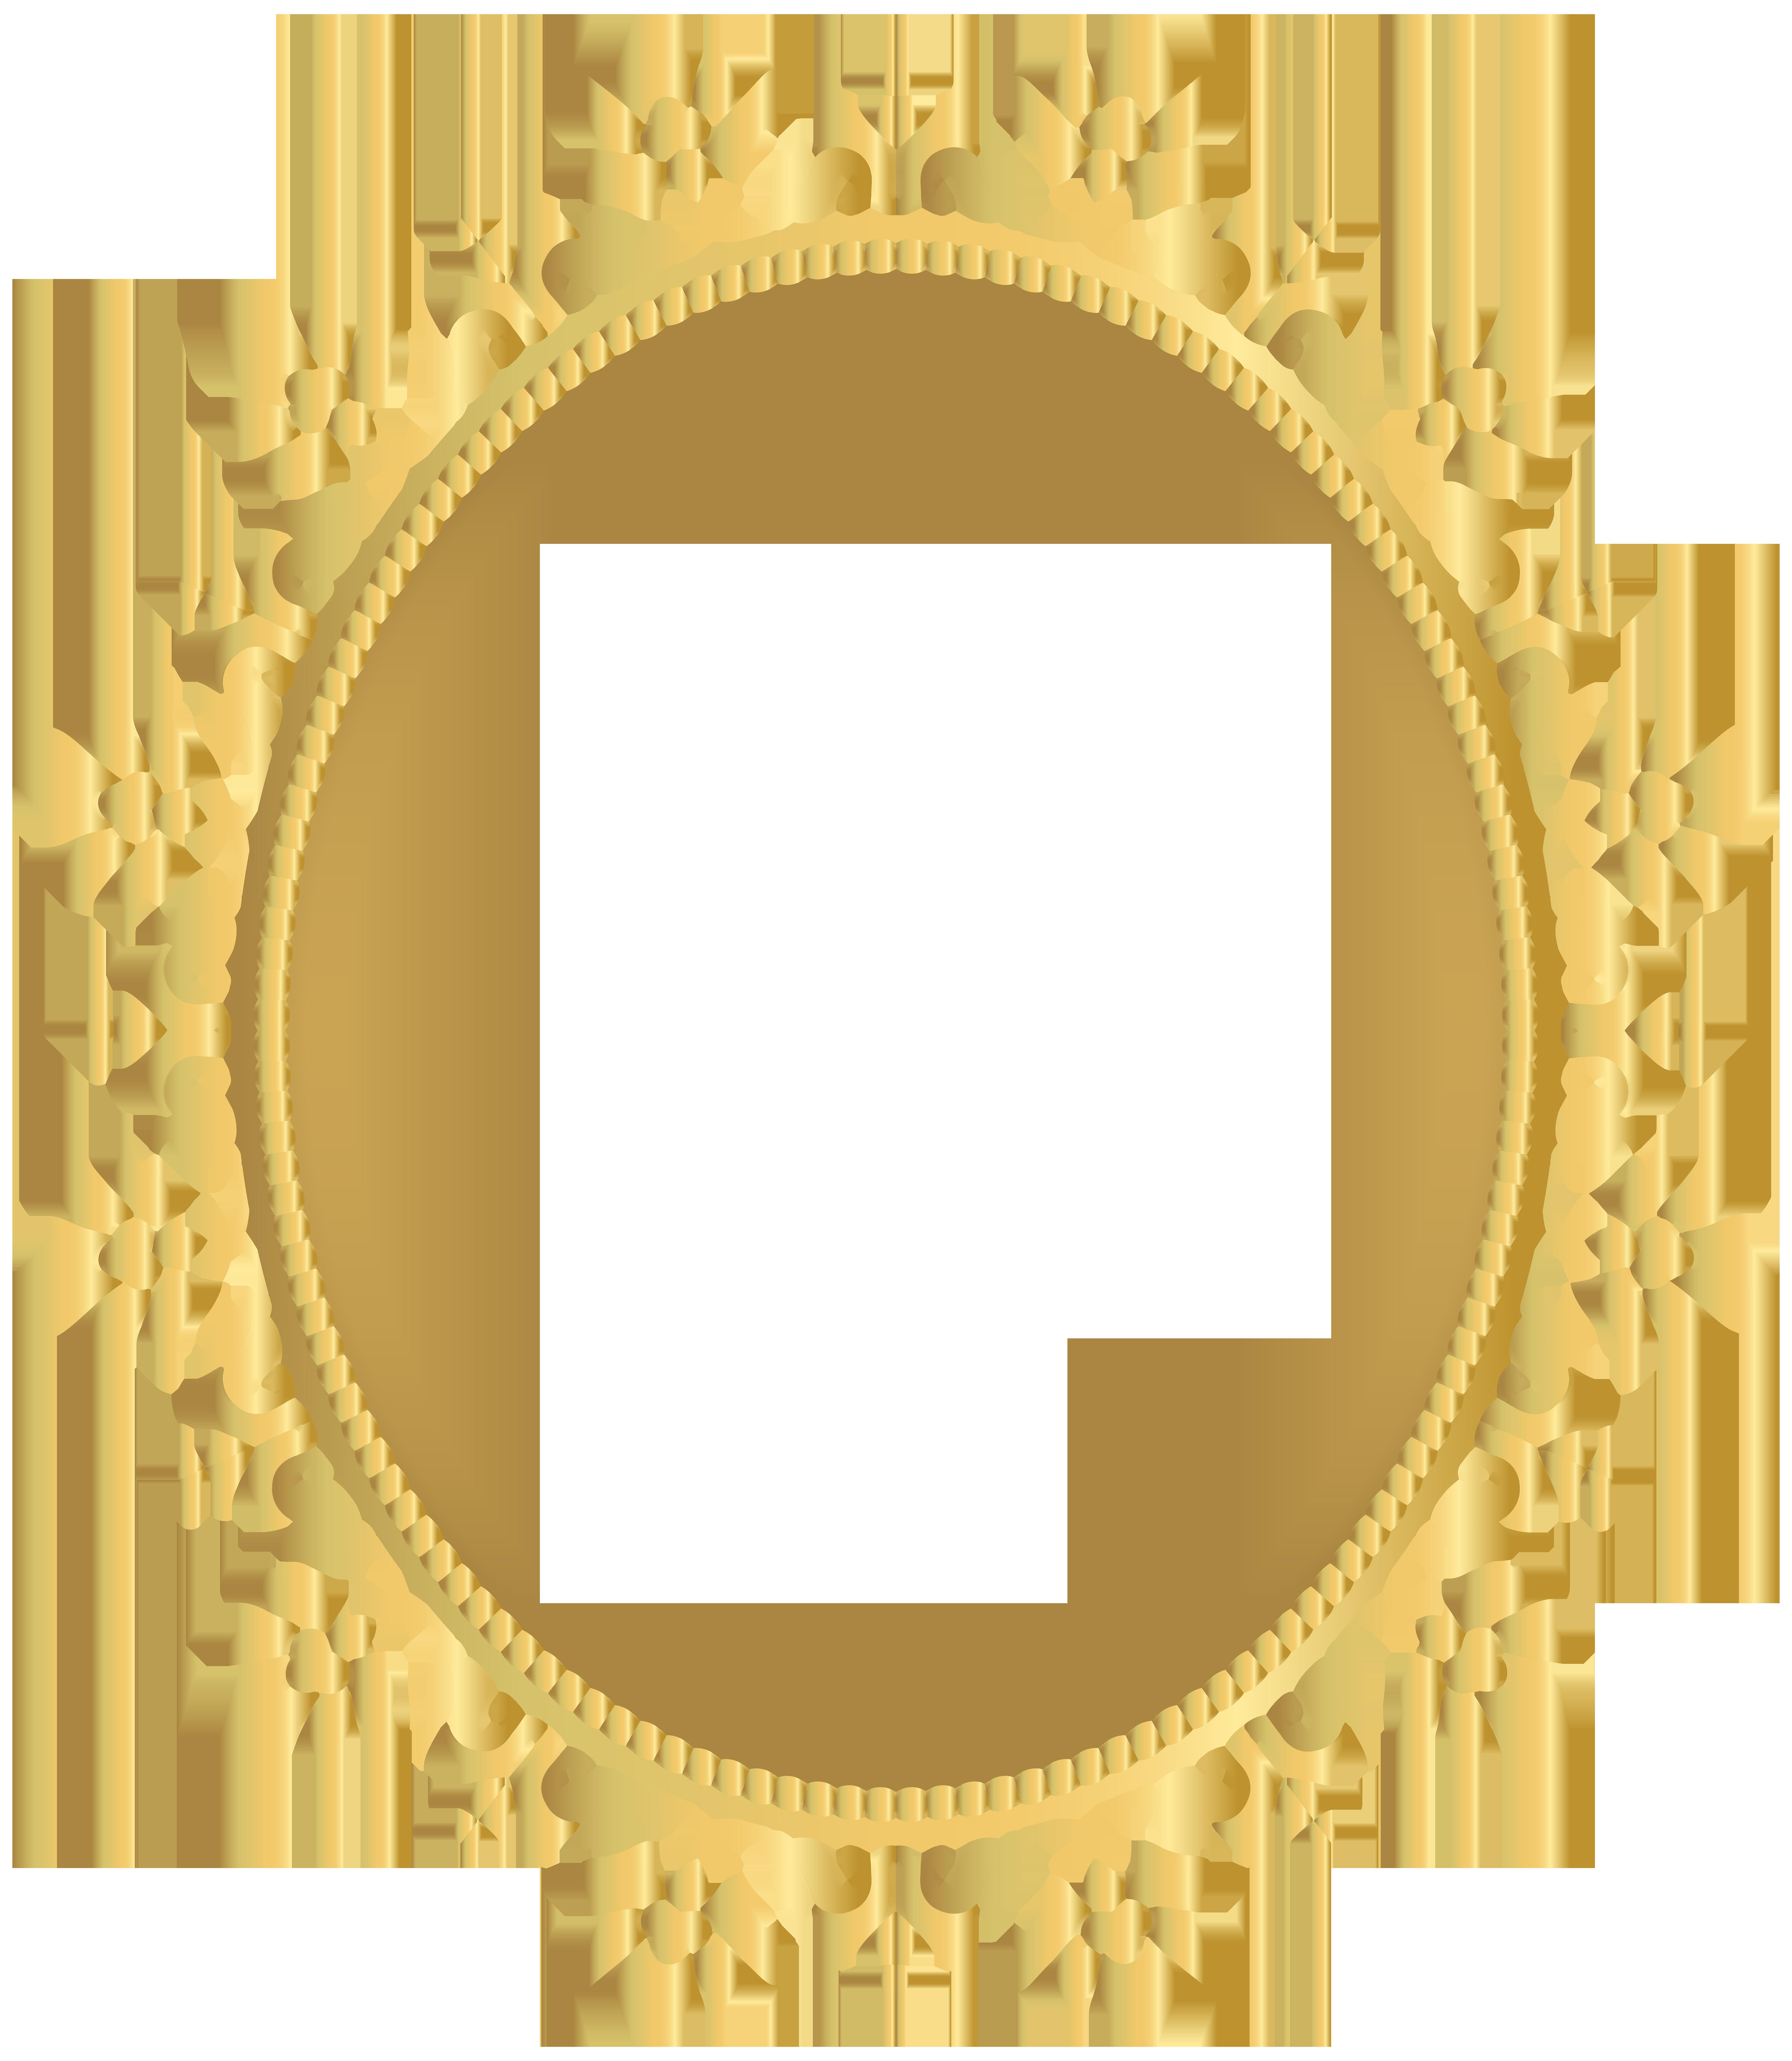 Round Golden Border Frame Transparent PNG Clip Art.